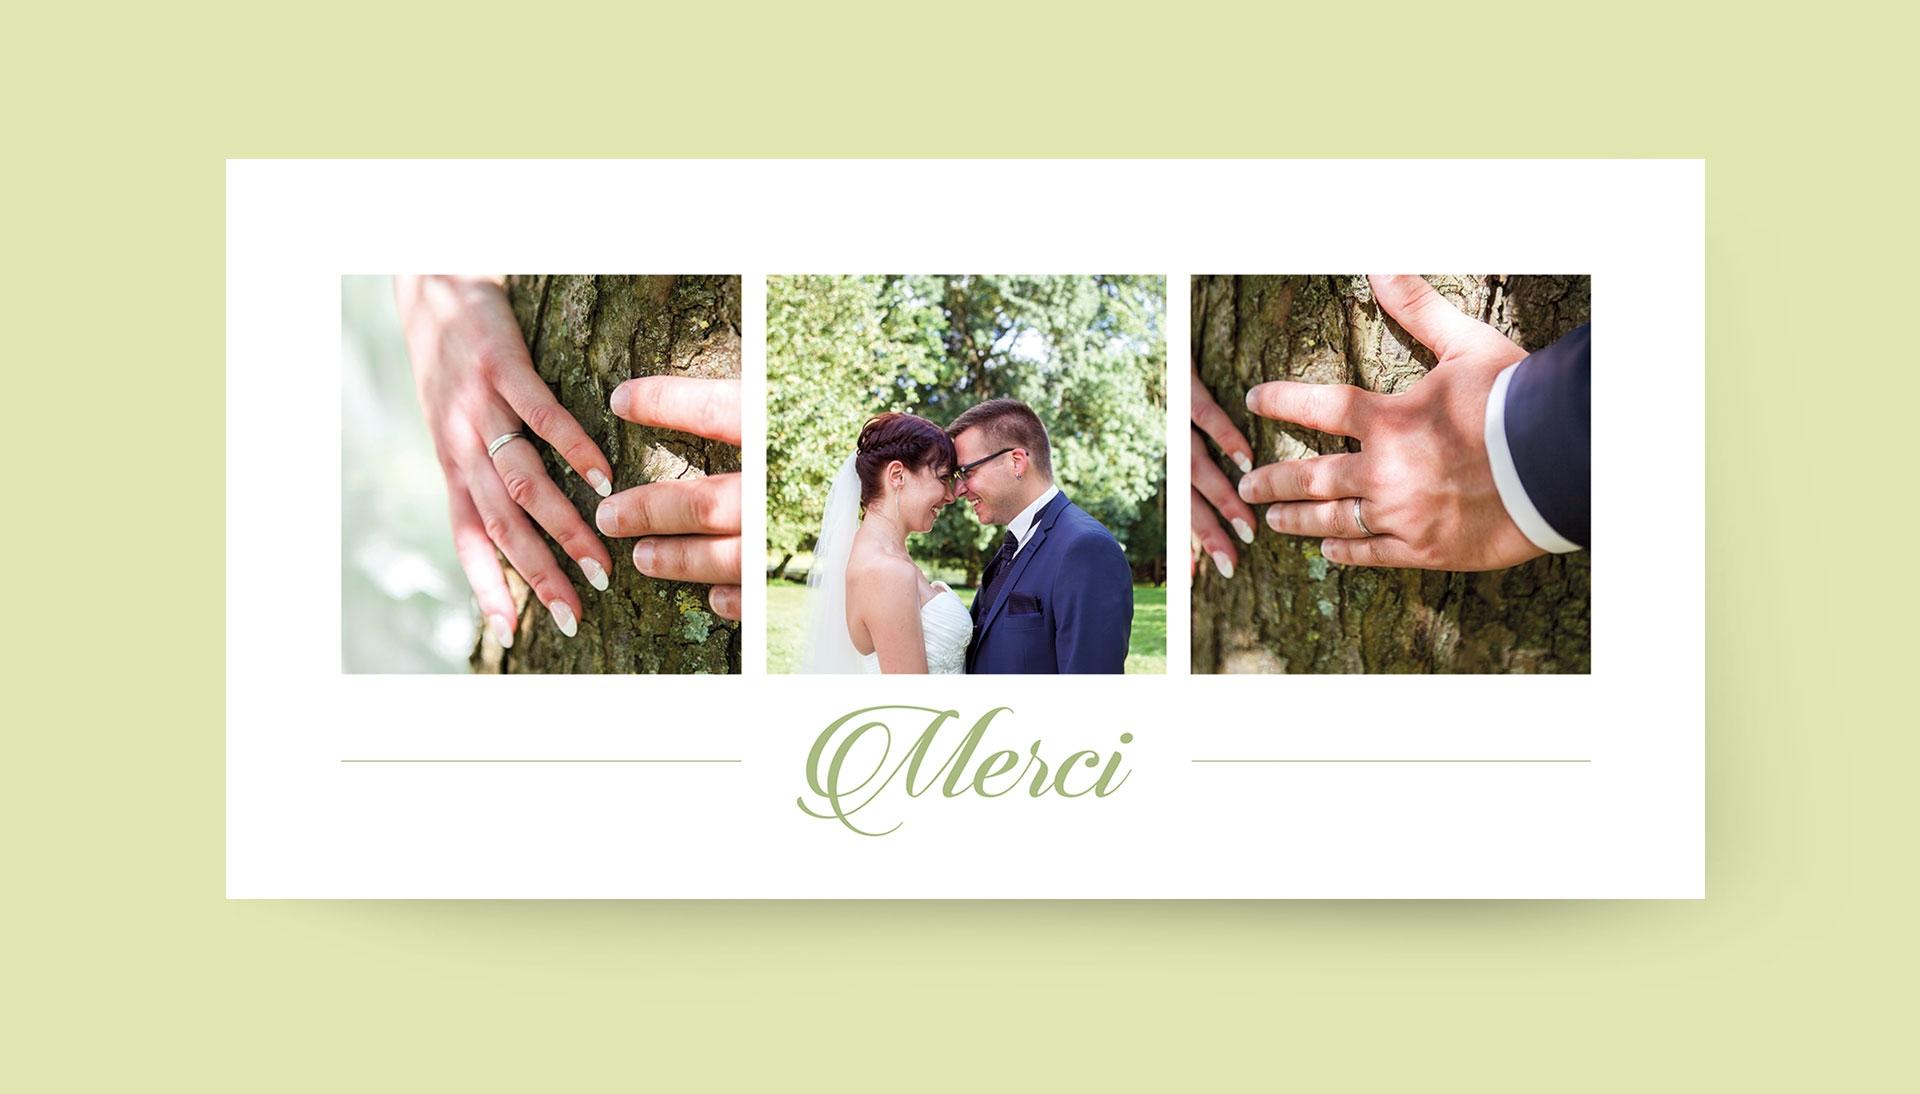 particuliers-creas-faire-part-remerciements-mariage-aurelie&geoffrey